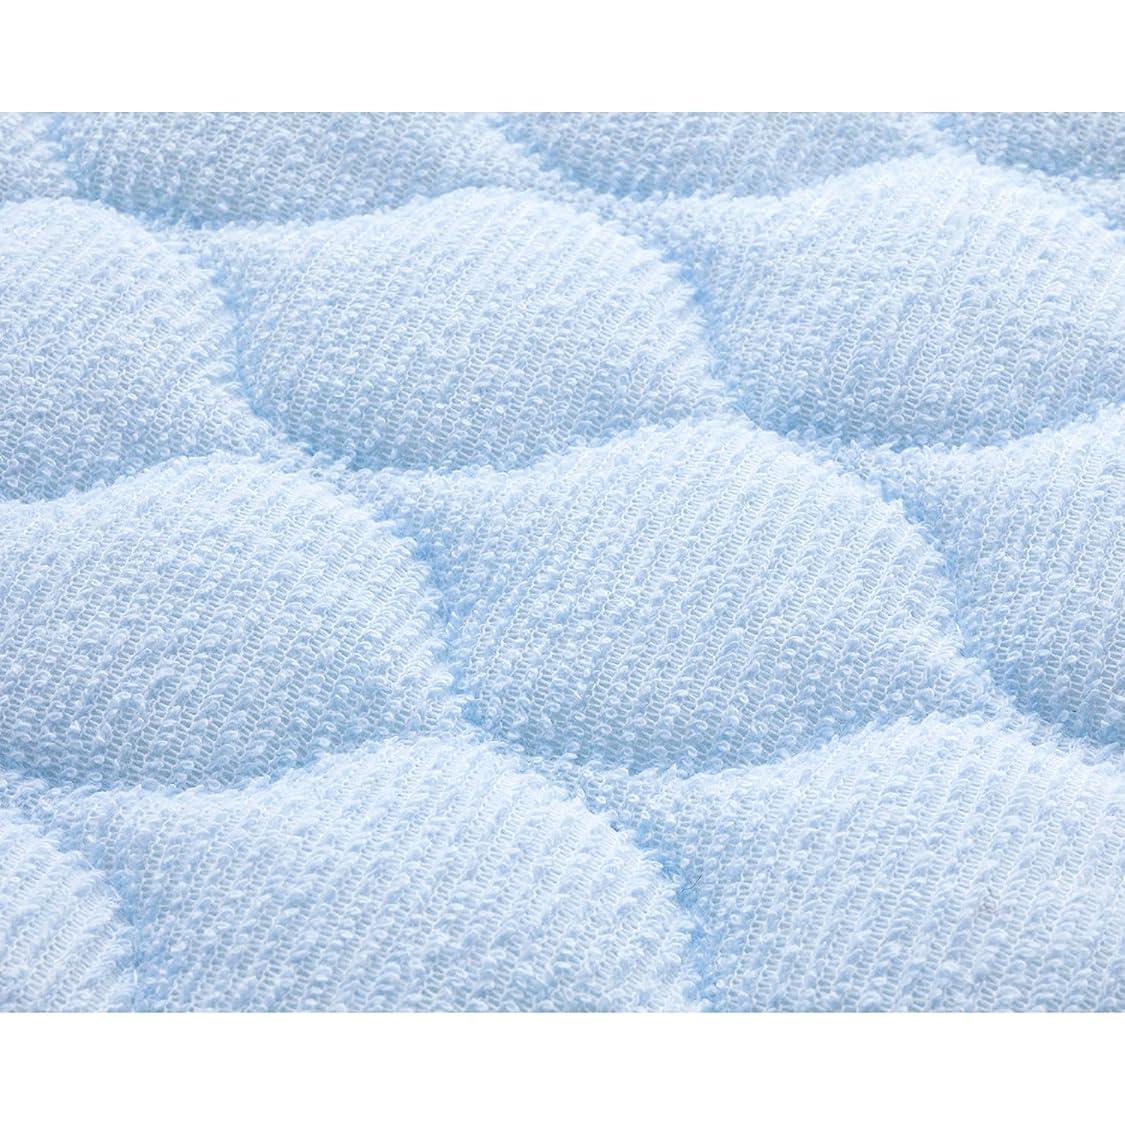 カニ葉を集めることわざセシール 敷きパッド ブルー セミダブル 綿100% ニットパイル 中わた入りのキルト タオル素材 CZ-771